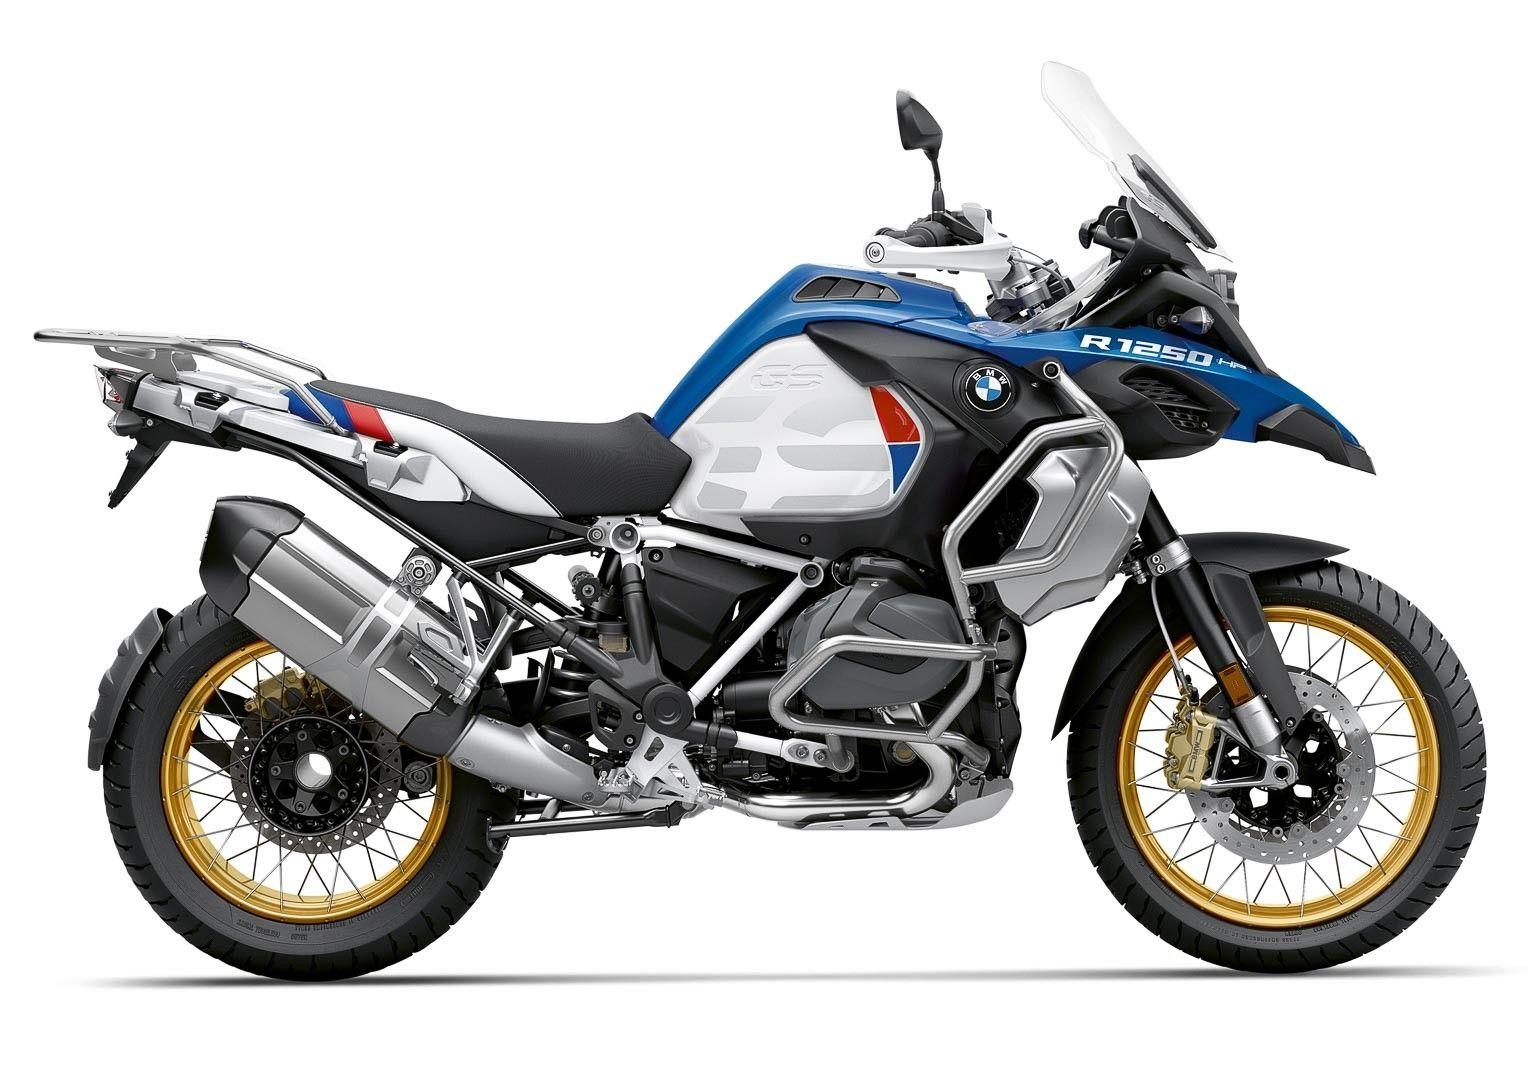 Bmw R1250gs Adventure 2020 Specs En 2020 Coches Y Motocicletas Motos Motocicletas